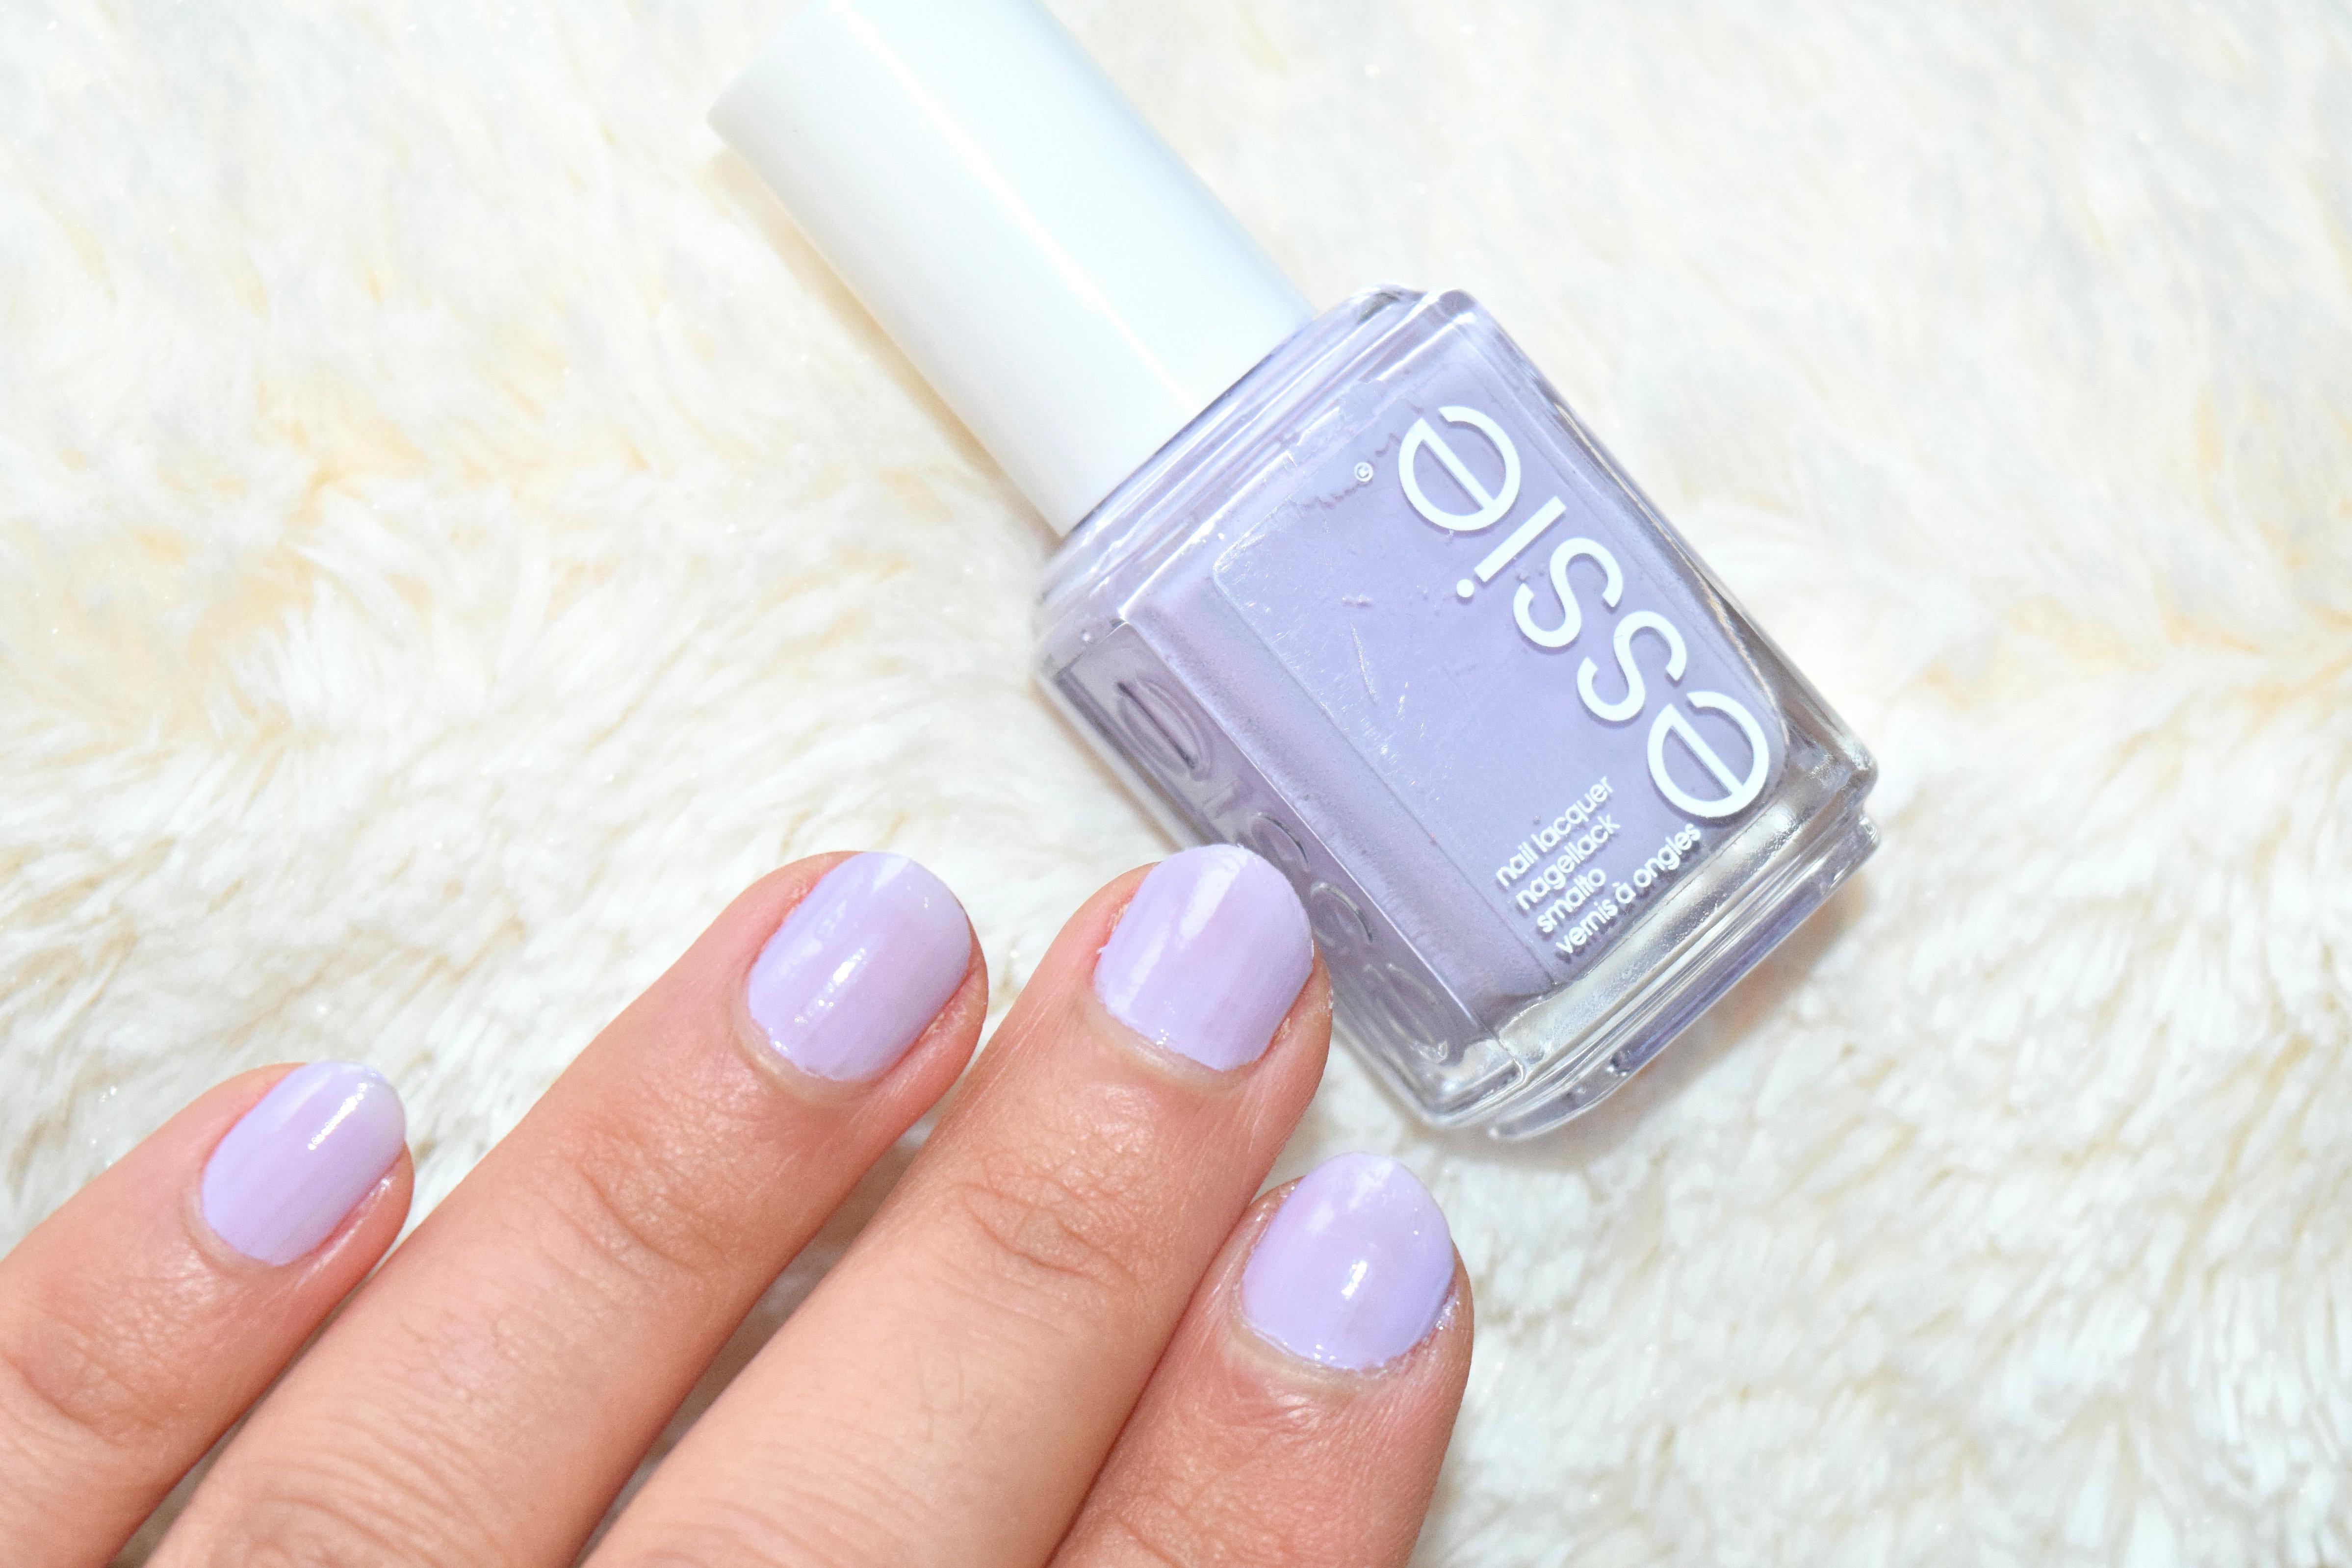 Essie Lilacism Nagellack Swatches – Glamzeit